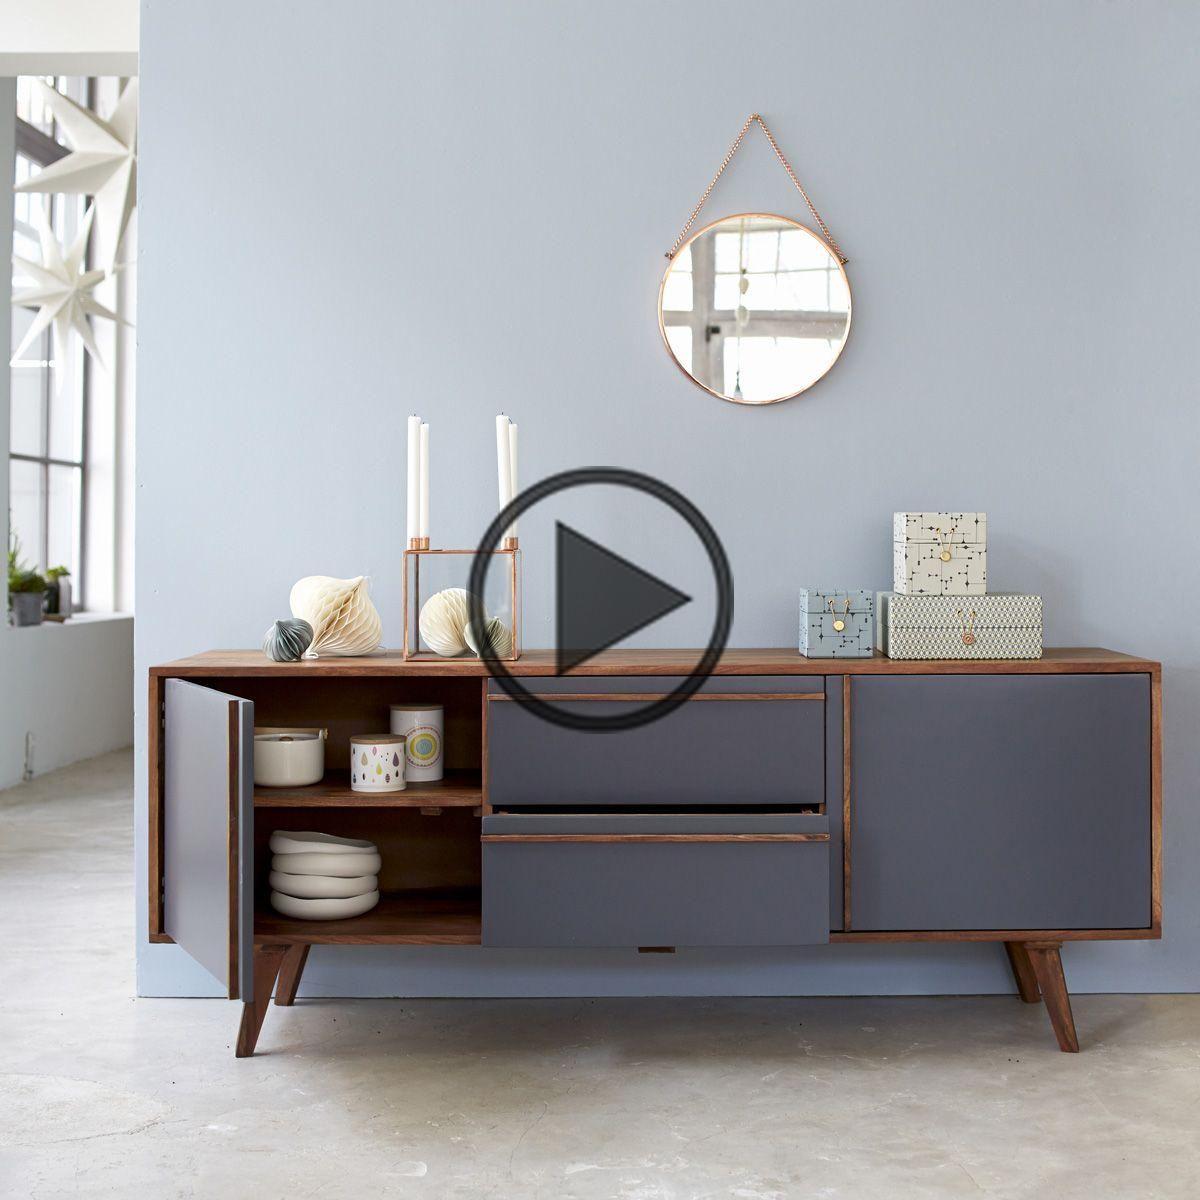 Sheesham Sideboard Niels Sheesham Furniture Range In 2020 Schlafzimmer Ideen Zimmer Renovierungen Haus Deko